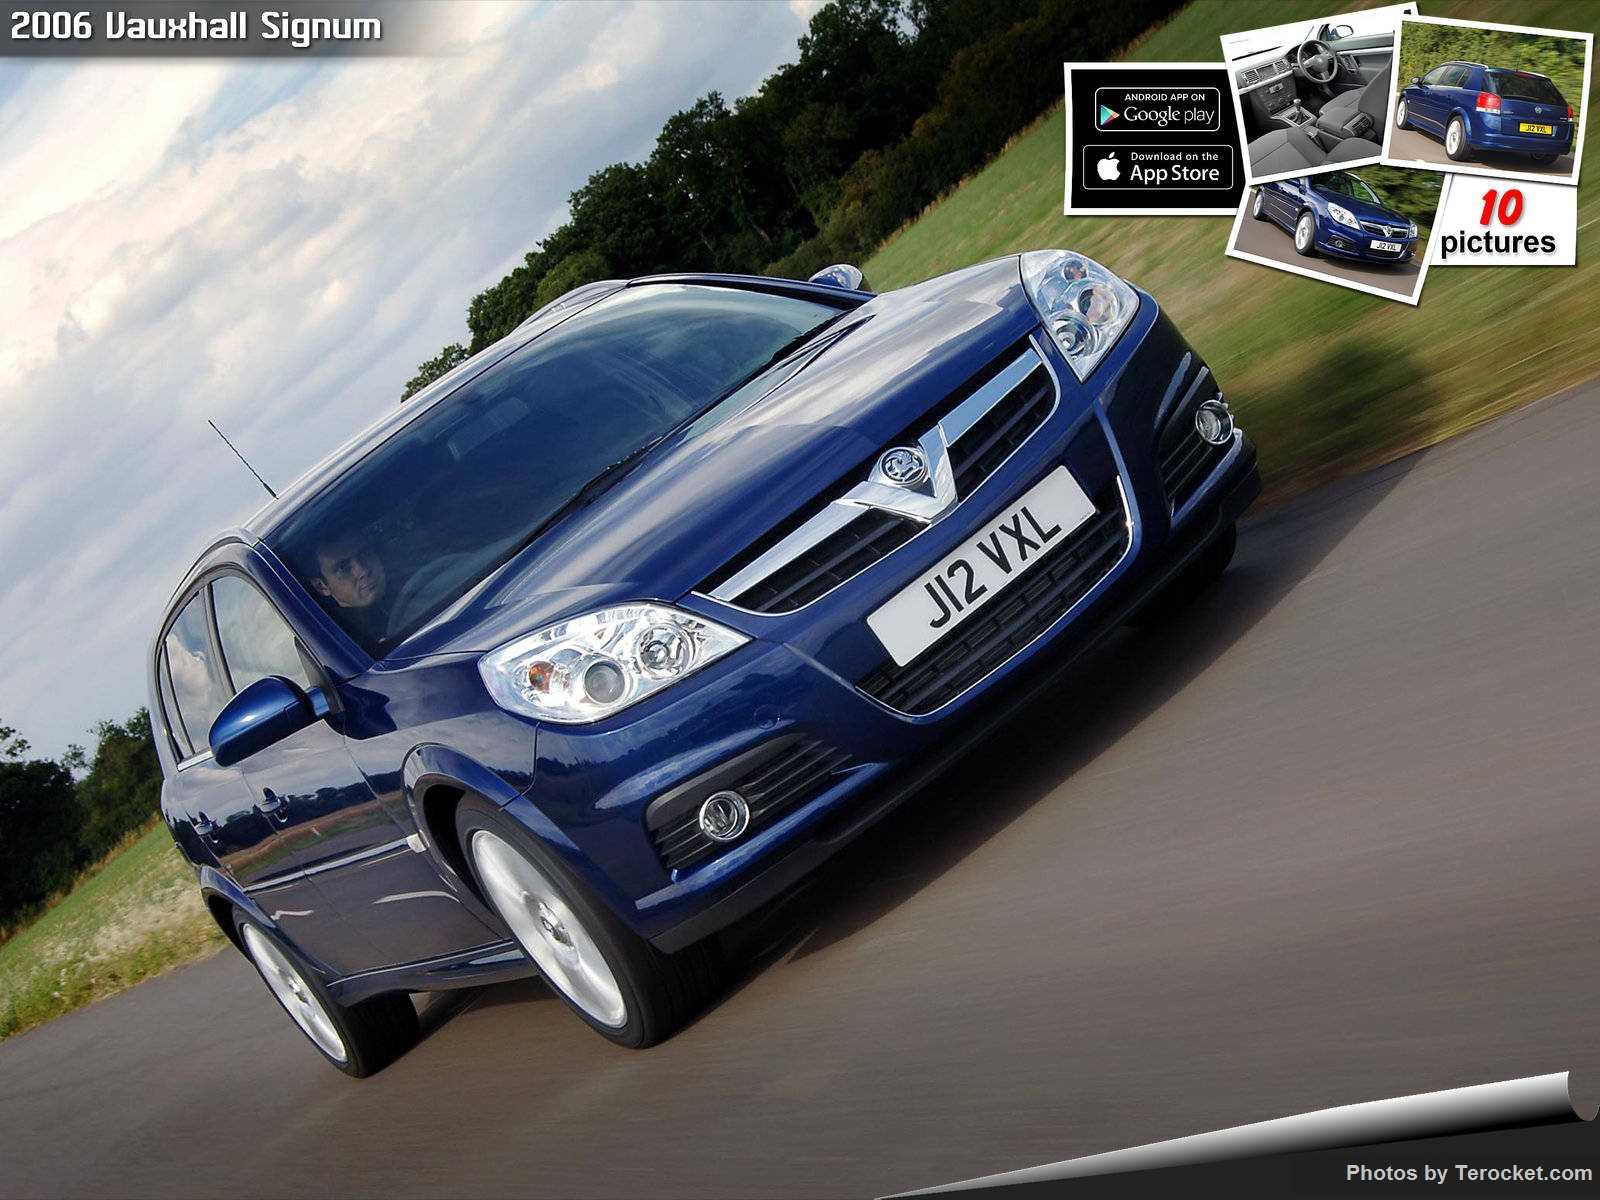 Hình ảnh xe ô tô Vauxhall Signum 2006 & nội ngoại thất